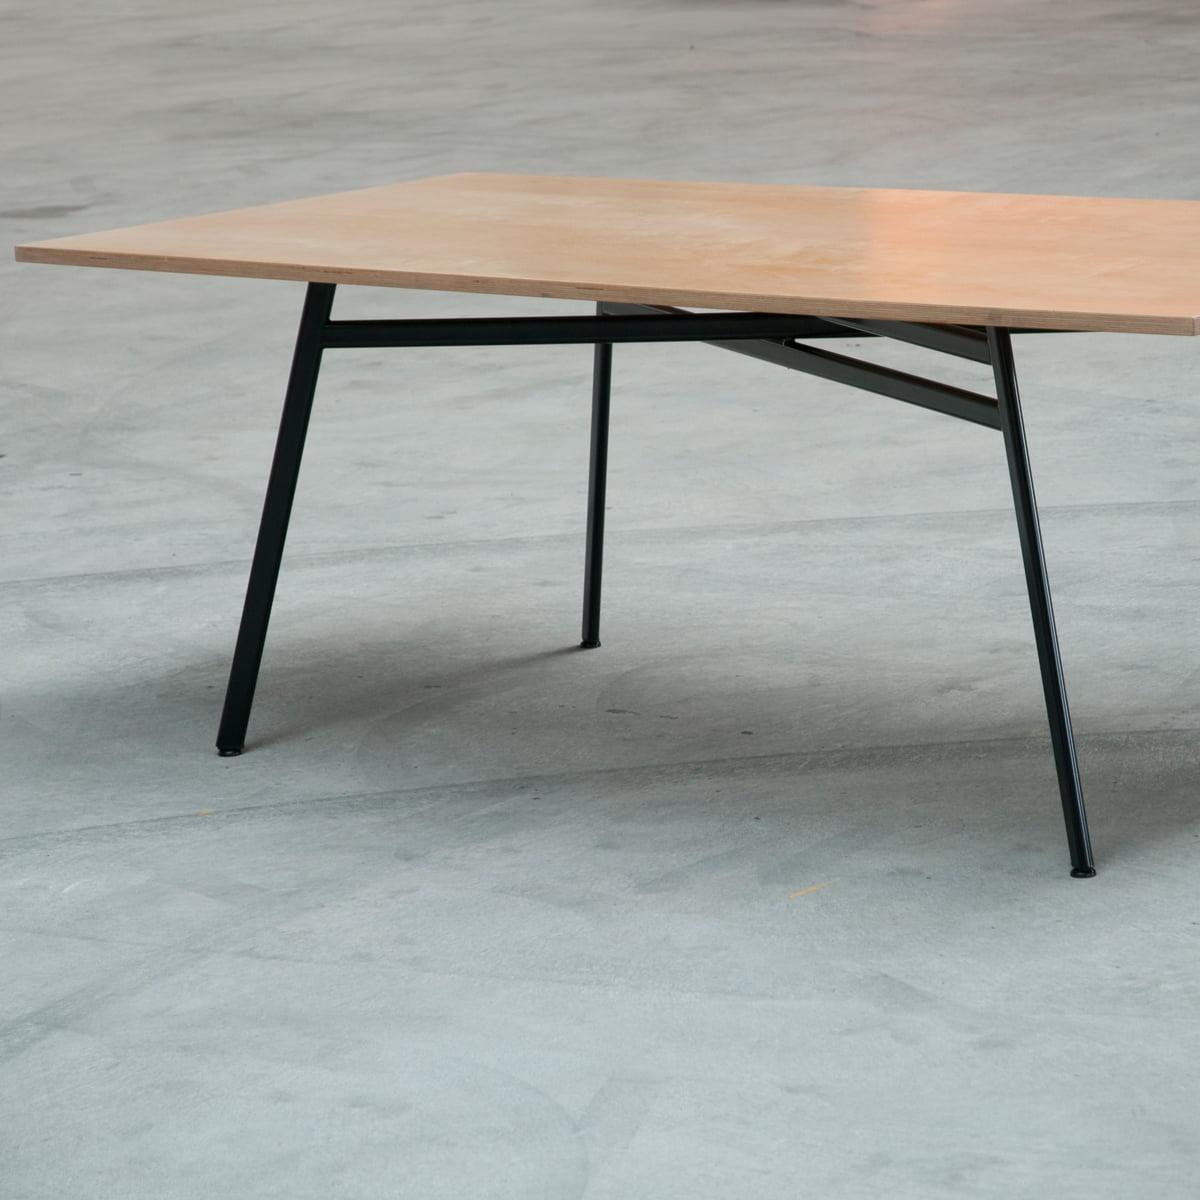 table frame schindlersalmer n shop. Black Bedroom Furniture Sets. Home Design Ideas